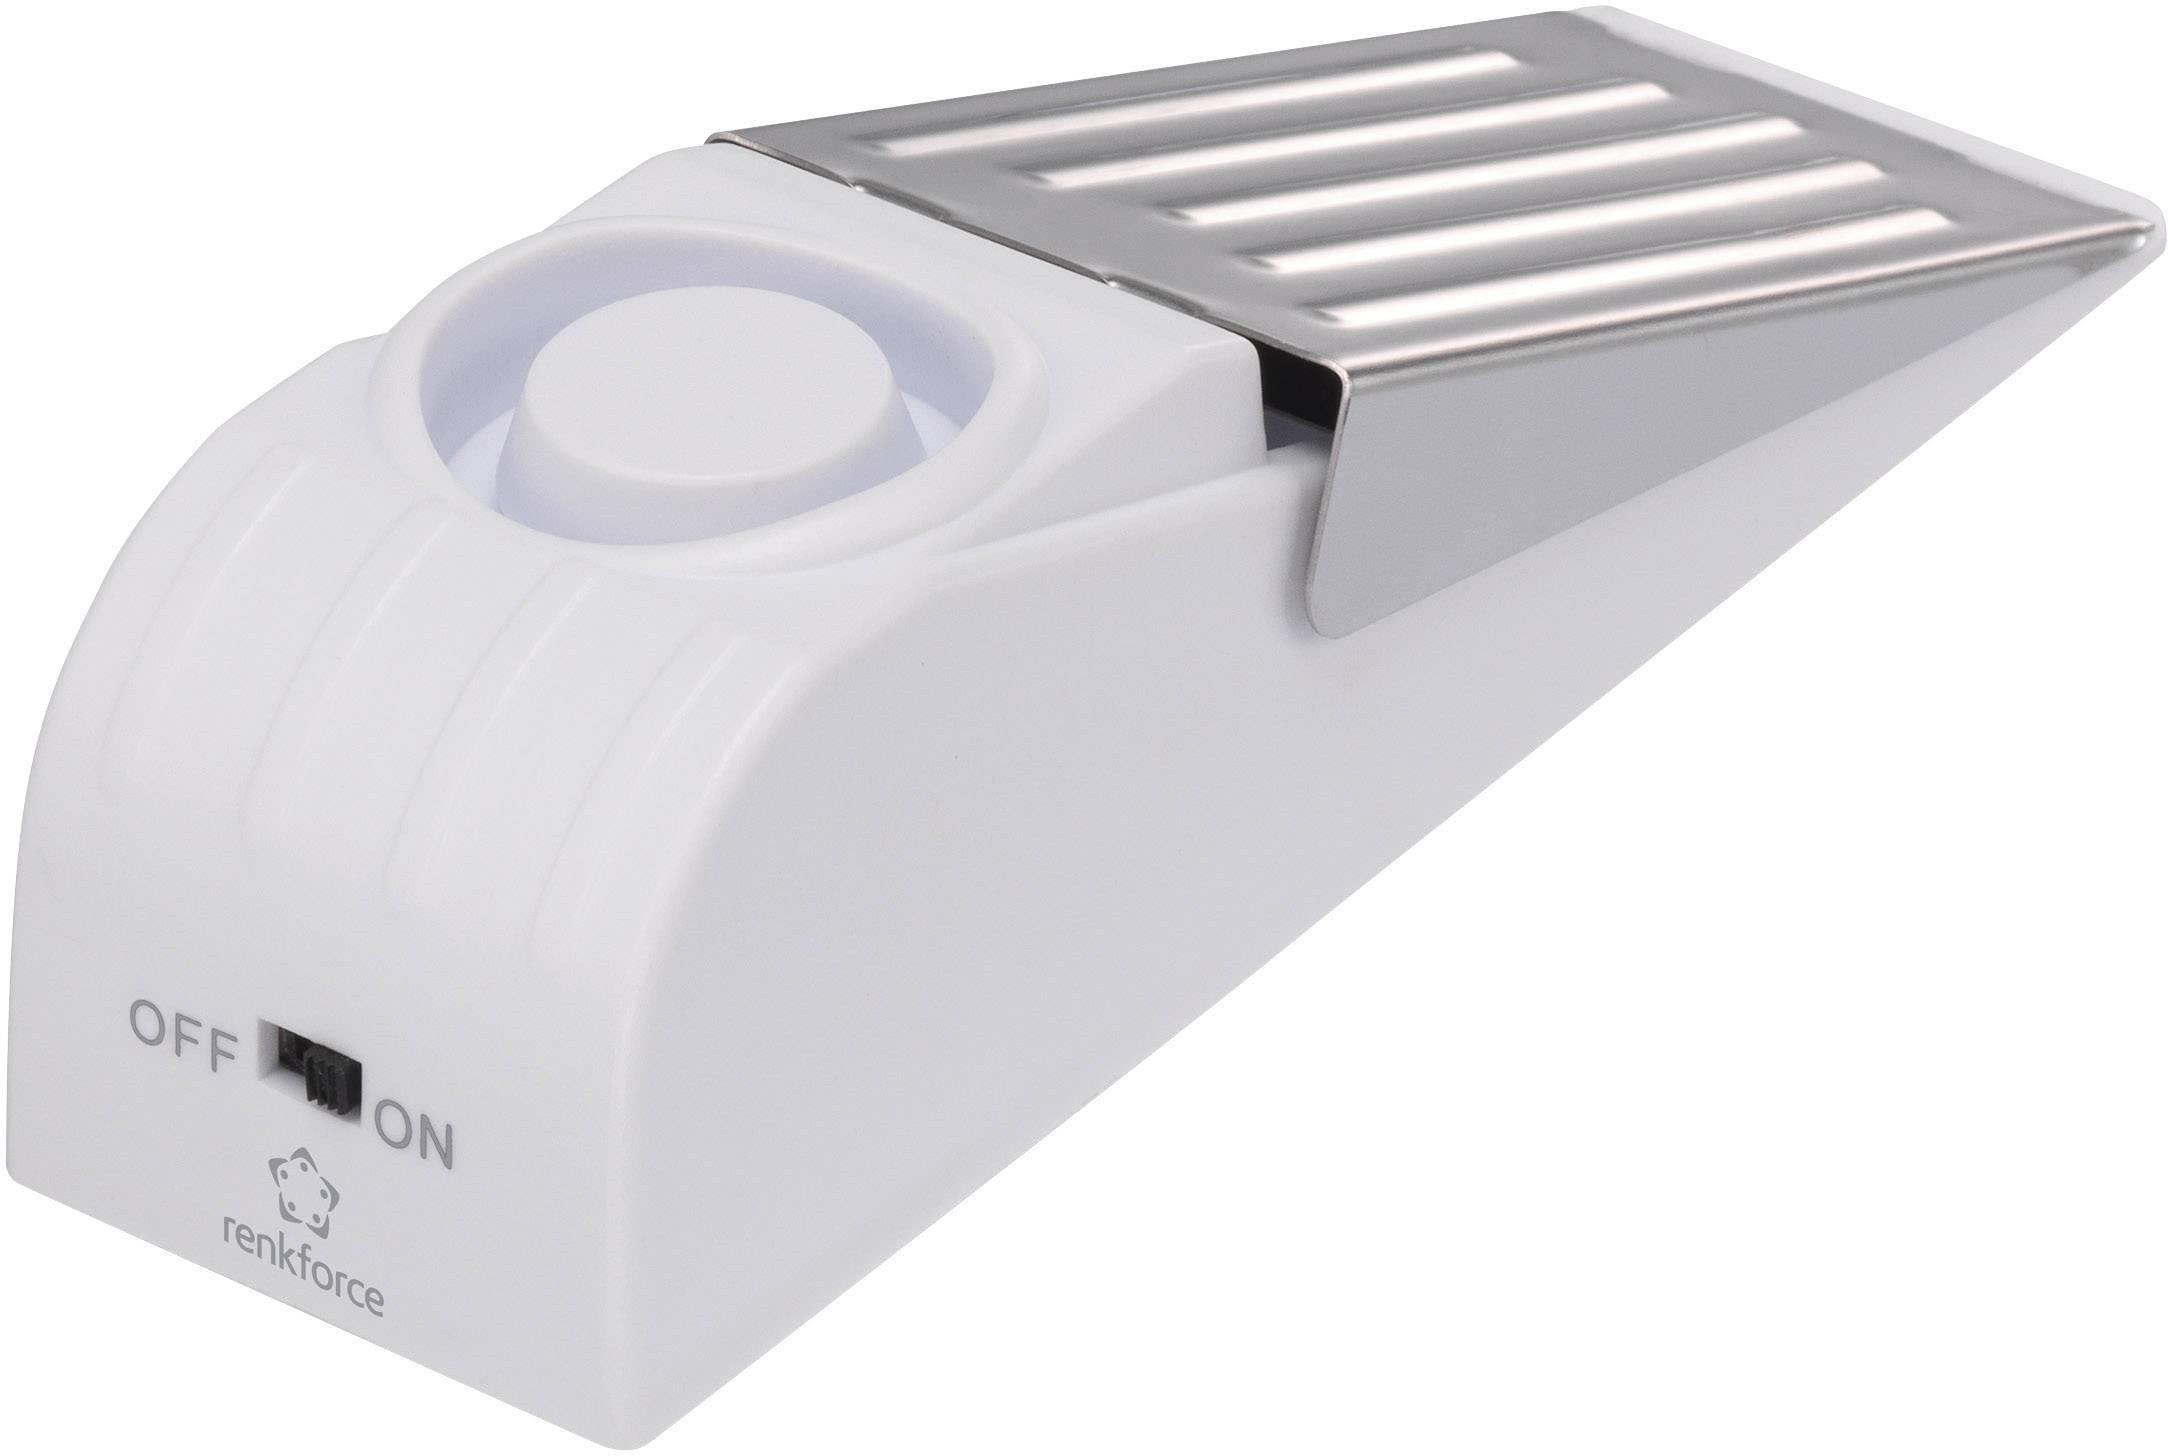 Alarm dveřní zarážka Renkforce 1270197, 85 dB